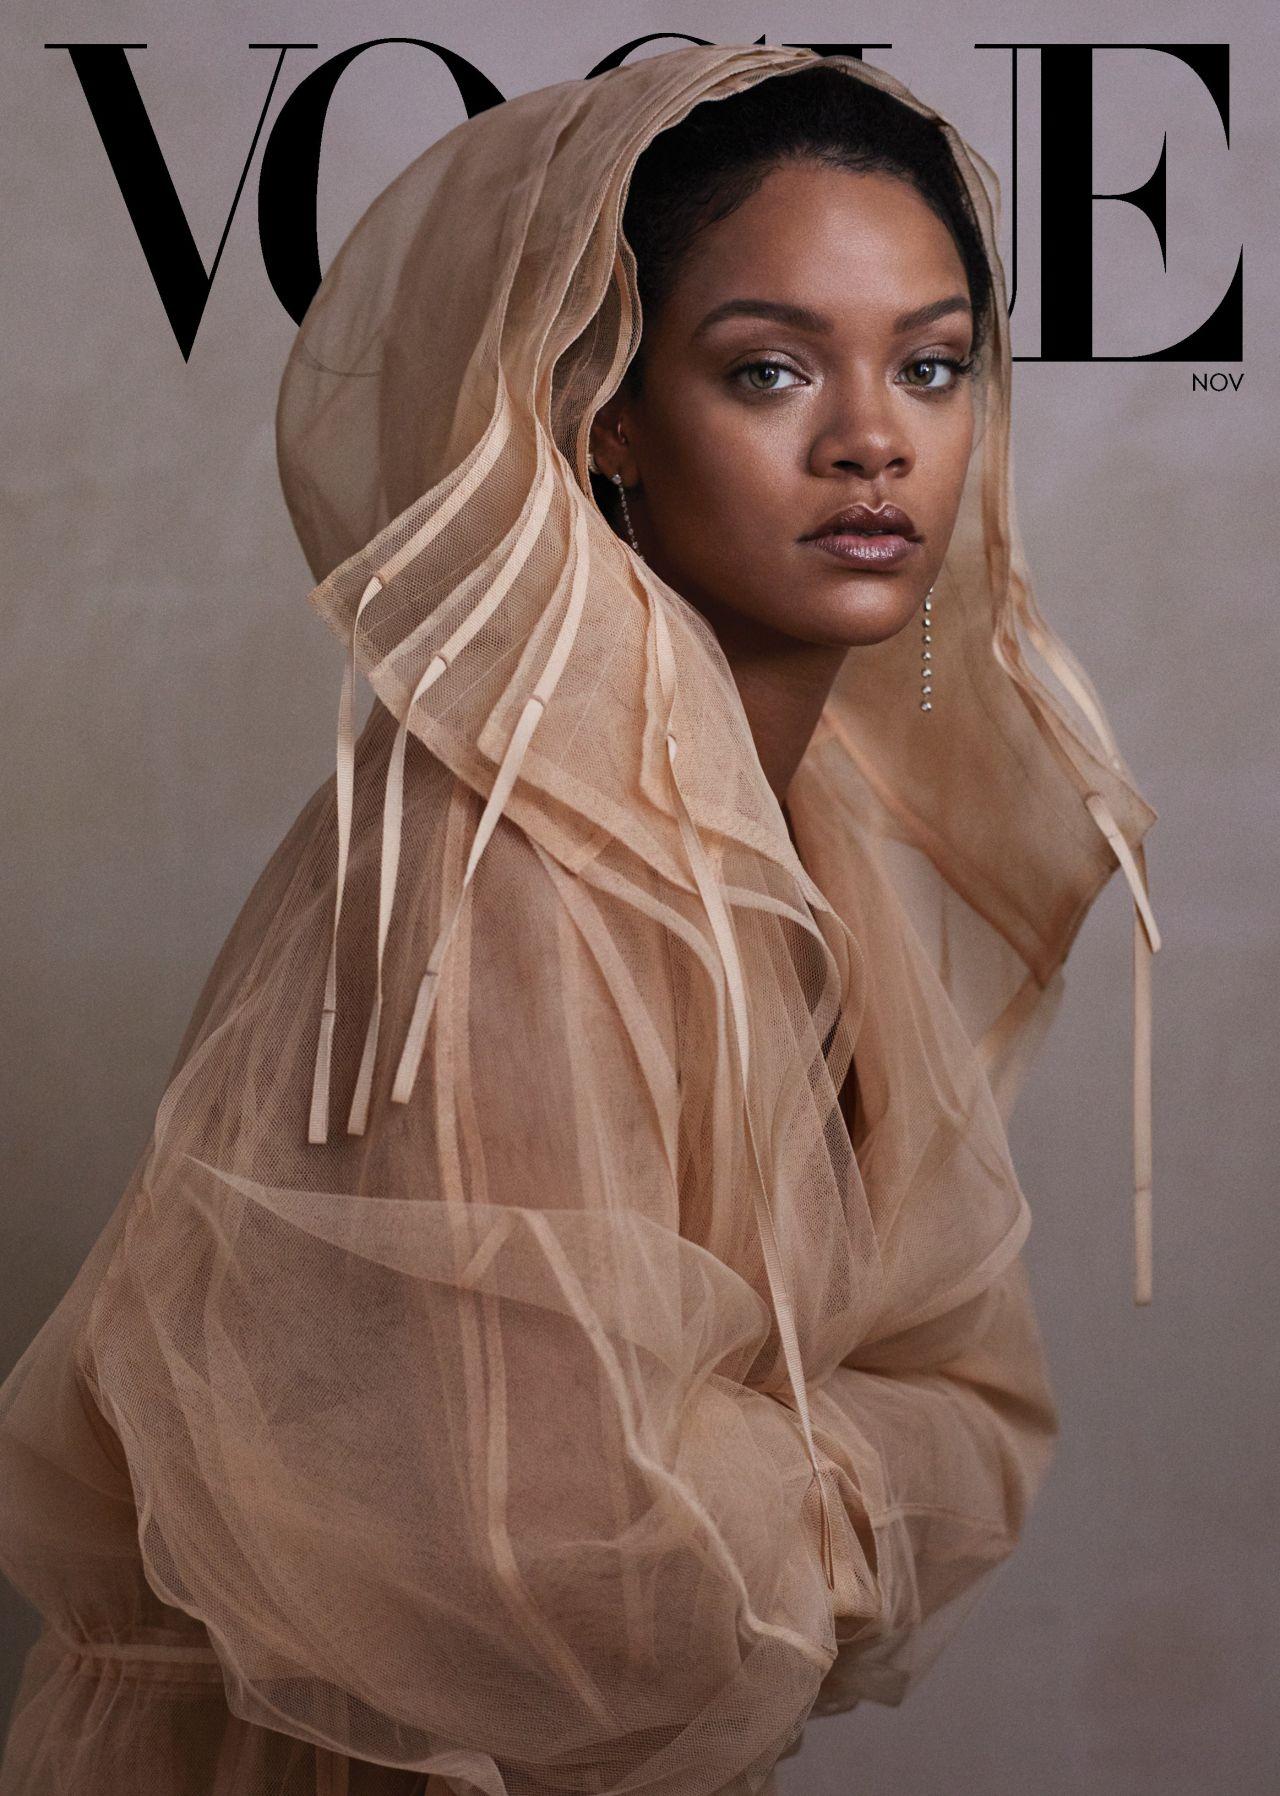 rihanna-covers-vogue-magazine-november-2019